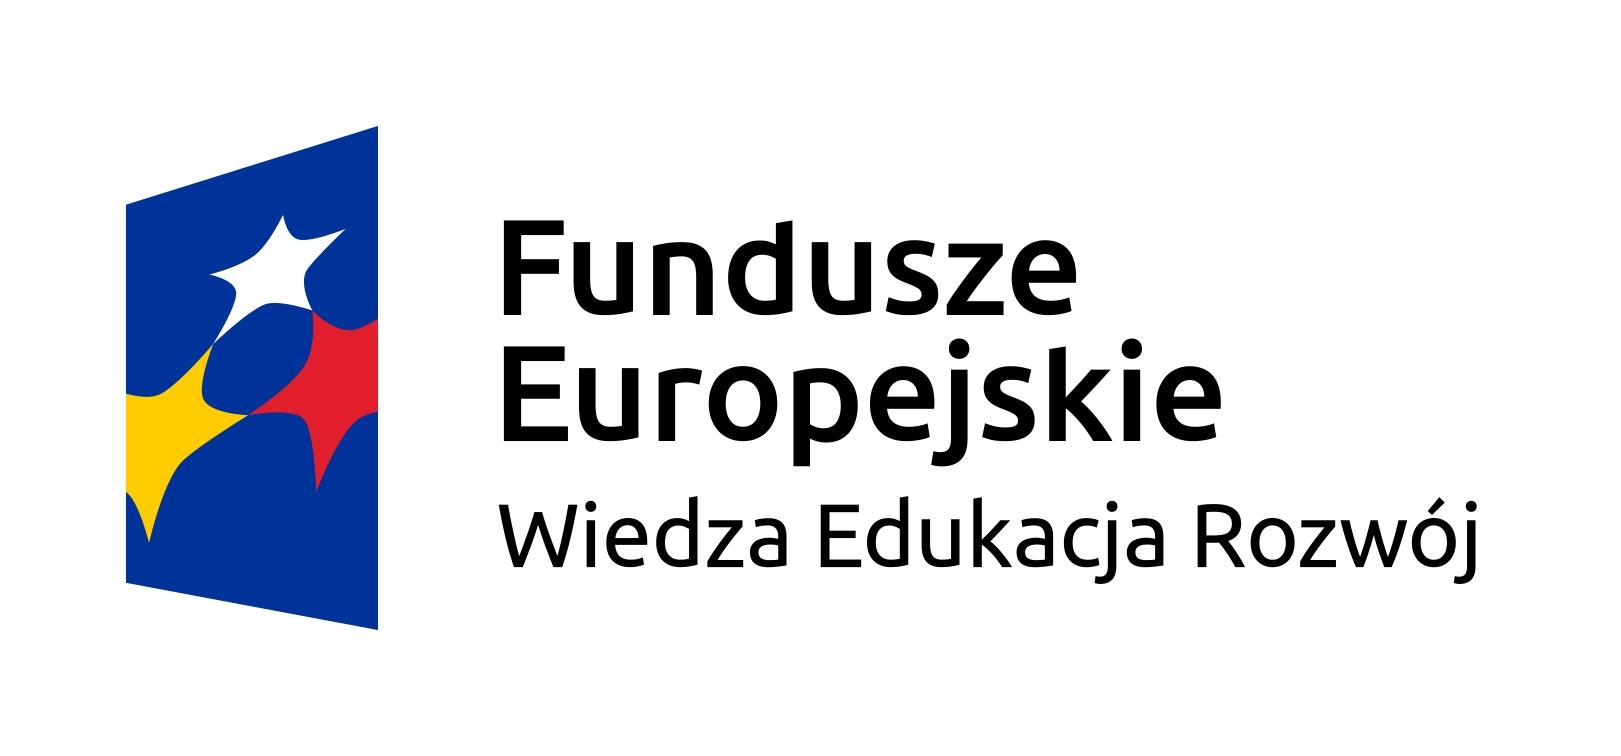 """Znalezione obrazy dla zapytania: fundusze europejskie wiedza edukacja rozwój logo"""""""